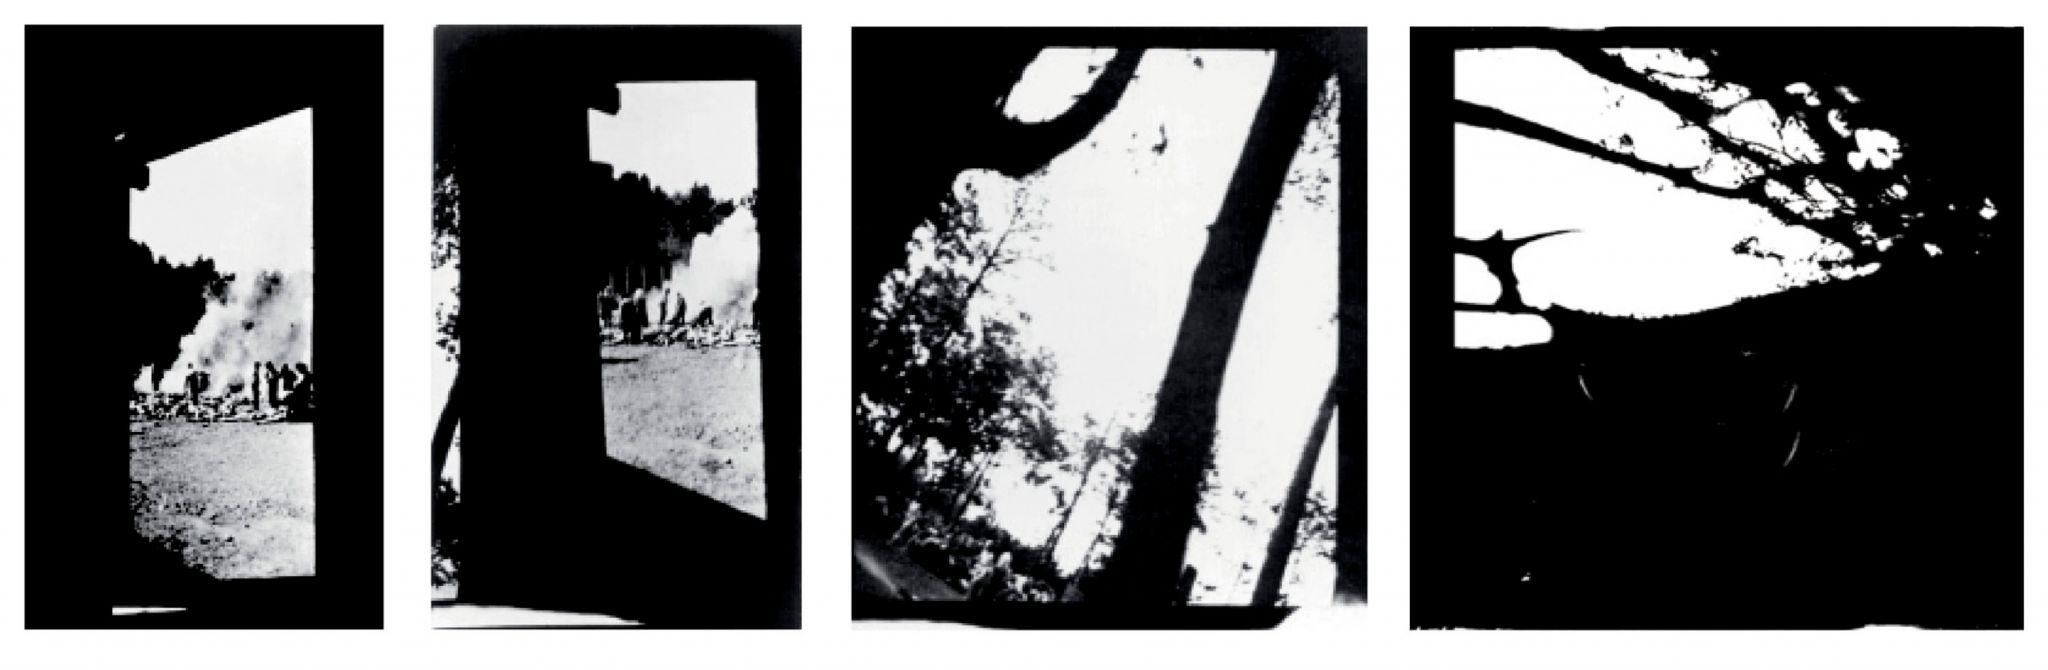 Georges Didi-Huberman dedicou o livro <em>Imagens apesar de tudo</em> às únicas quatro fotografias que documentam o processo de extermínio em massa conduzido nas câmaras de gás dos campos de concentração nazistas. As fotos mostram a queima de corpos e a entrada de mulheres na câmara do crematório 5 de Auschwitz. Tiradas às escondidas por um prisioneiro judeu forçado a participar das atrocidades, estas imagens são um ato de resistência, argumenta Didi-Huberman. Memorial e Museu Auschwitz-Birkenau, Polônia, 1944.